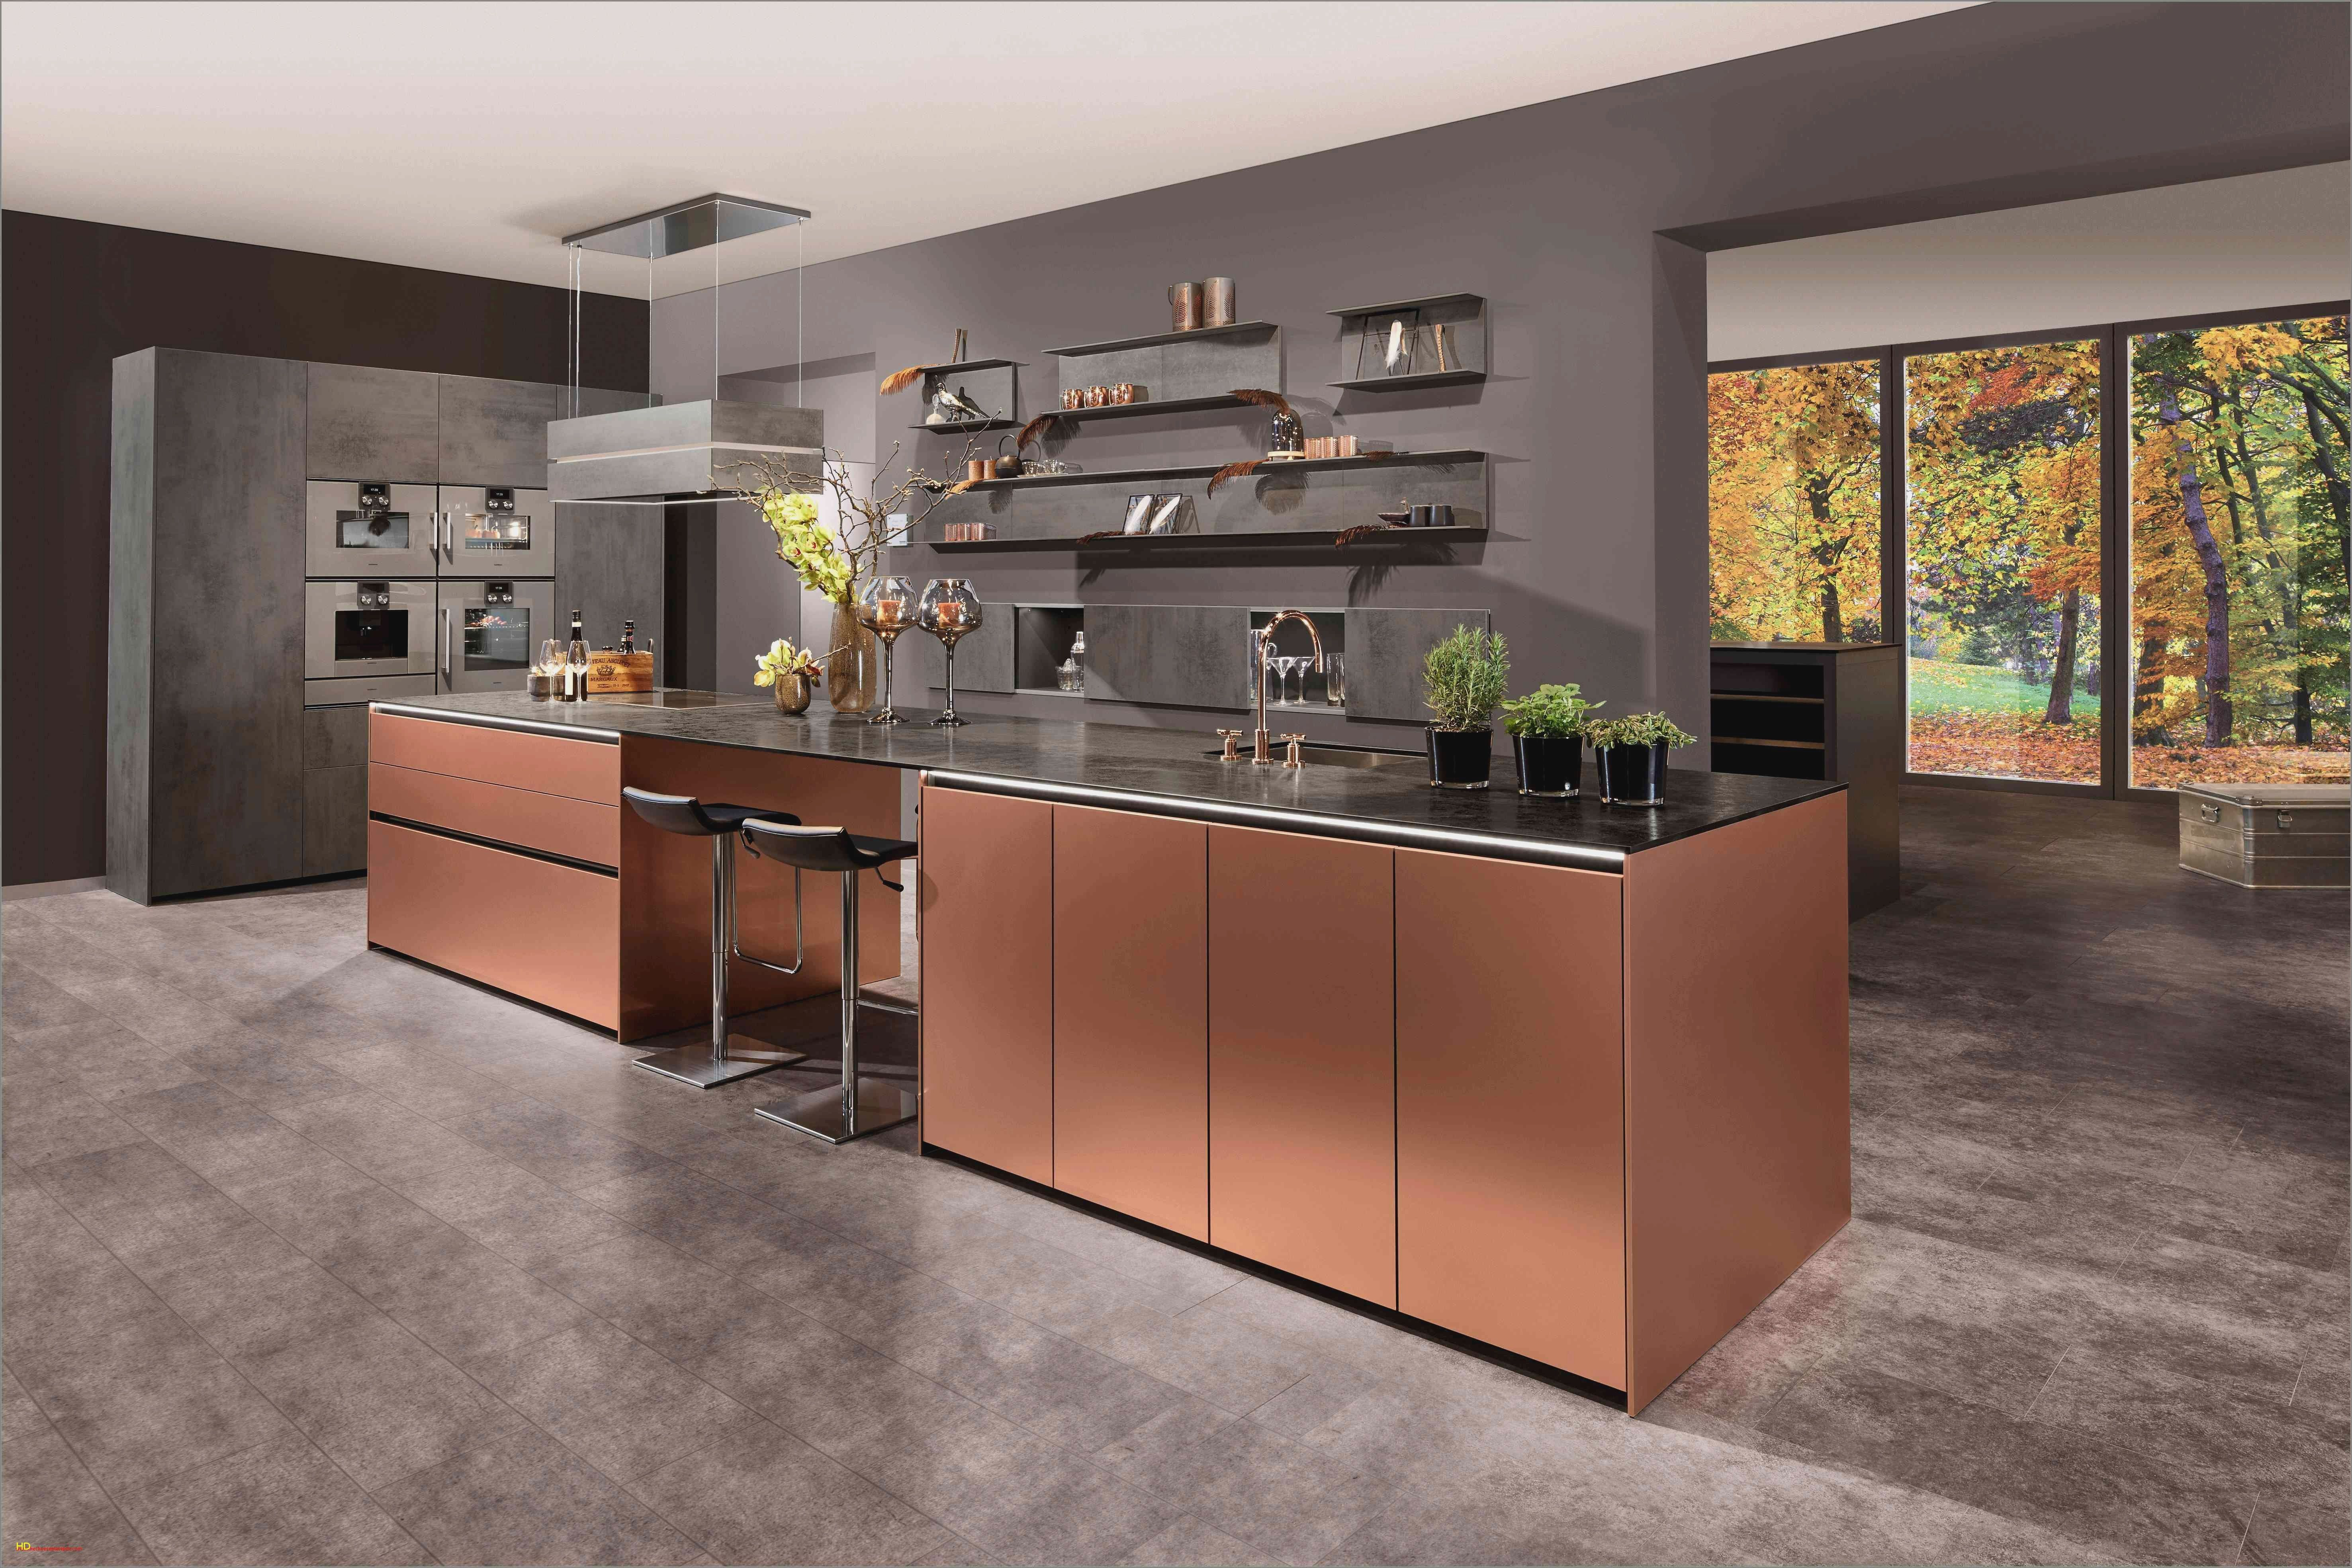 43 Luxus Kuche Kupfer German Kitchen Design Kitchen Design Modern Kitchen Design